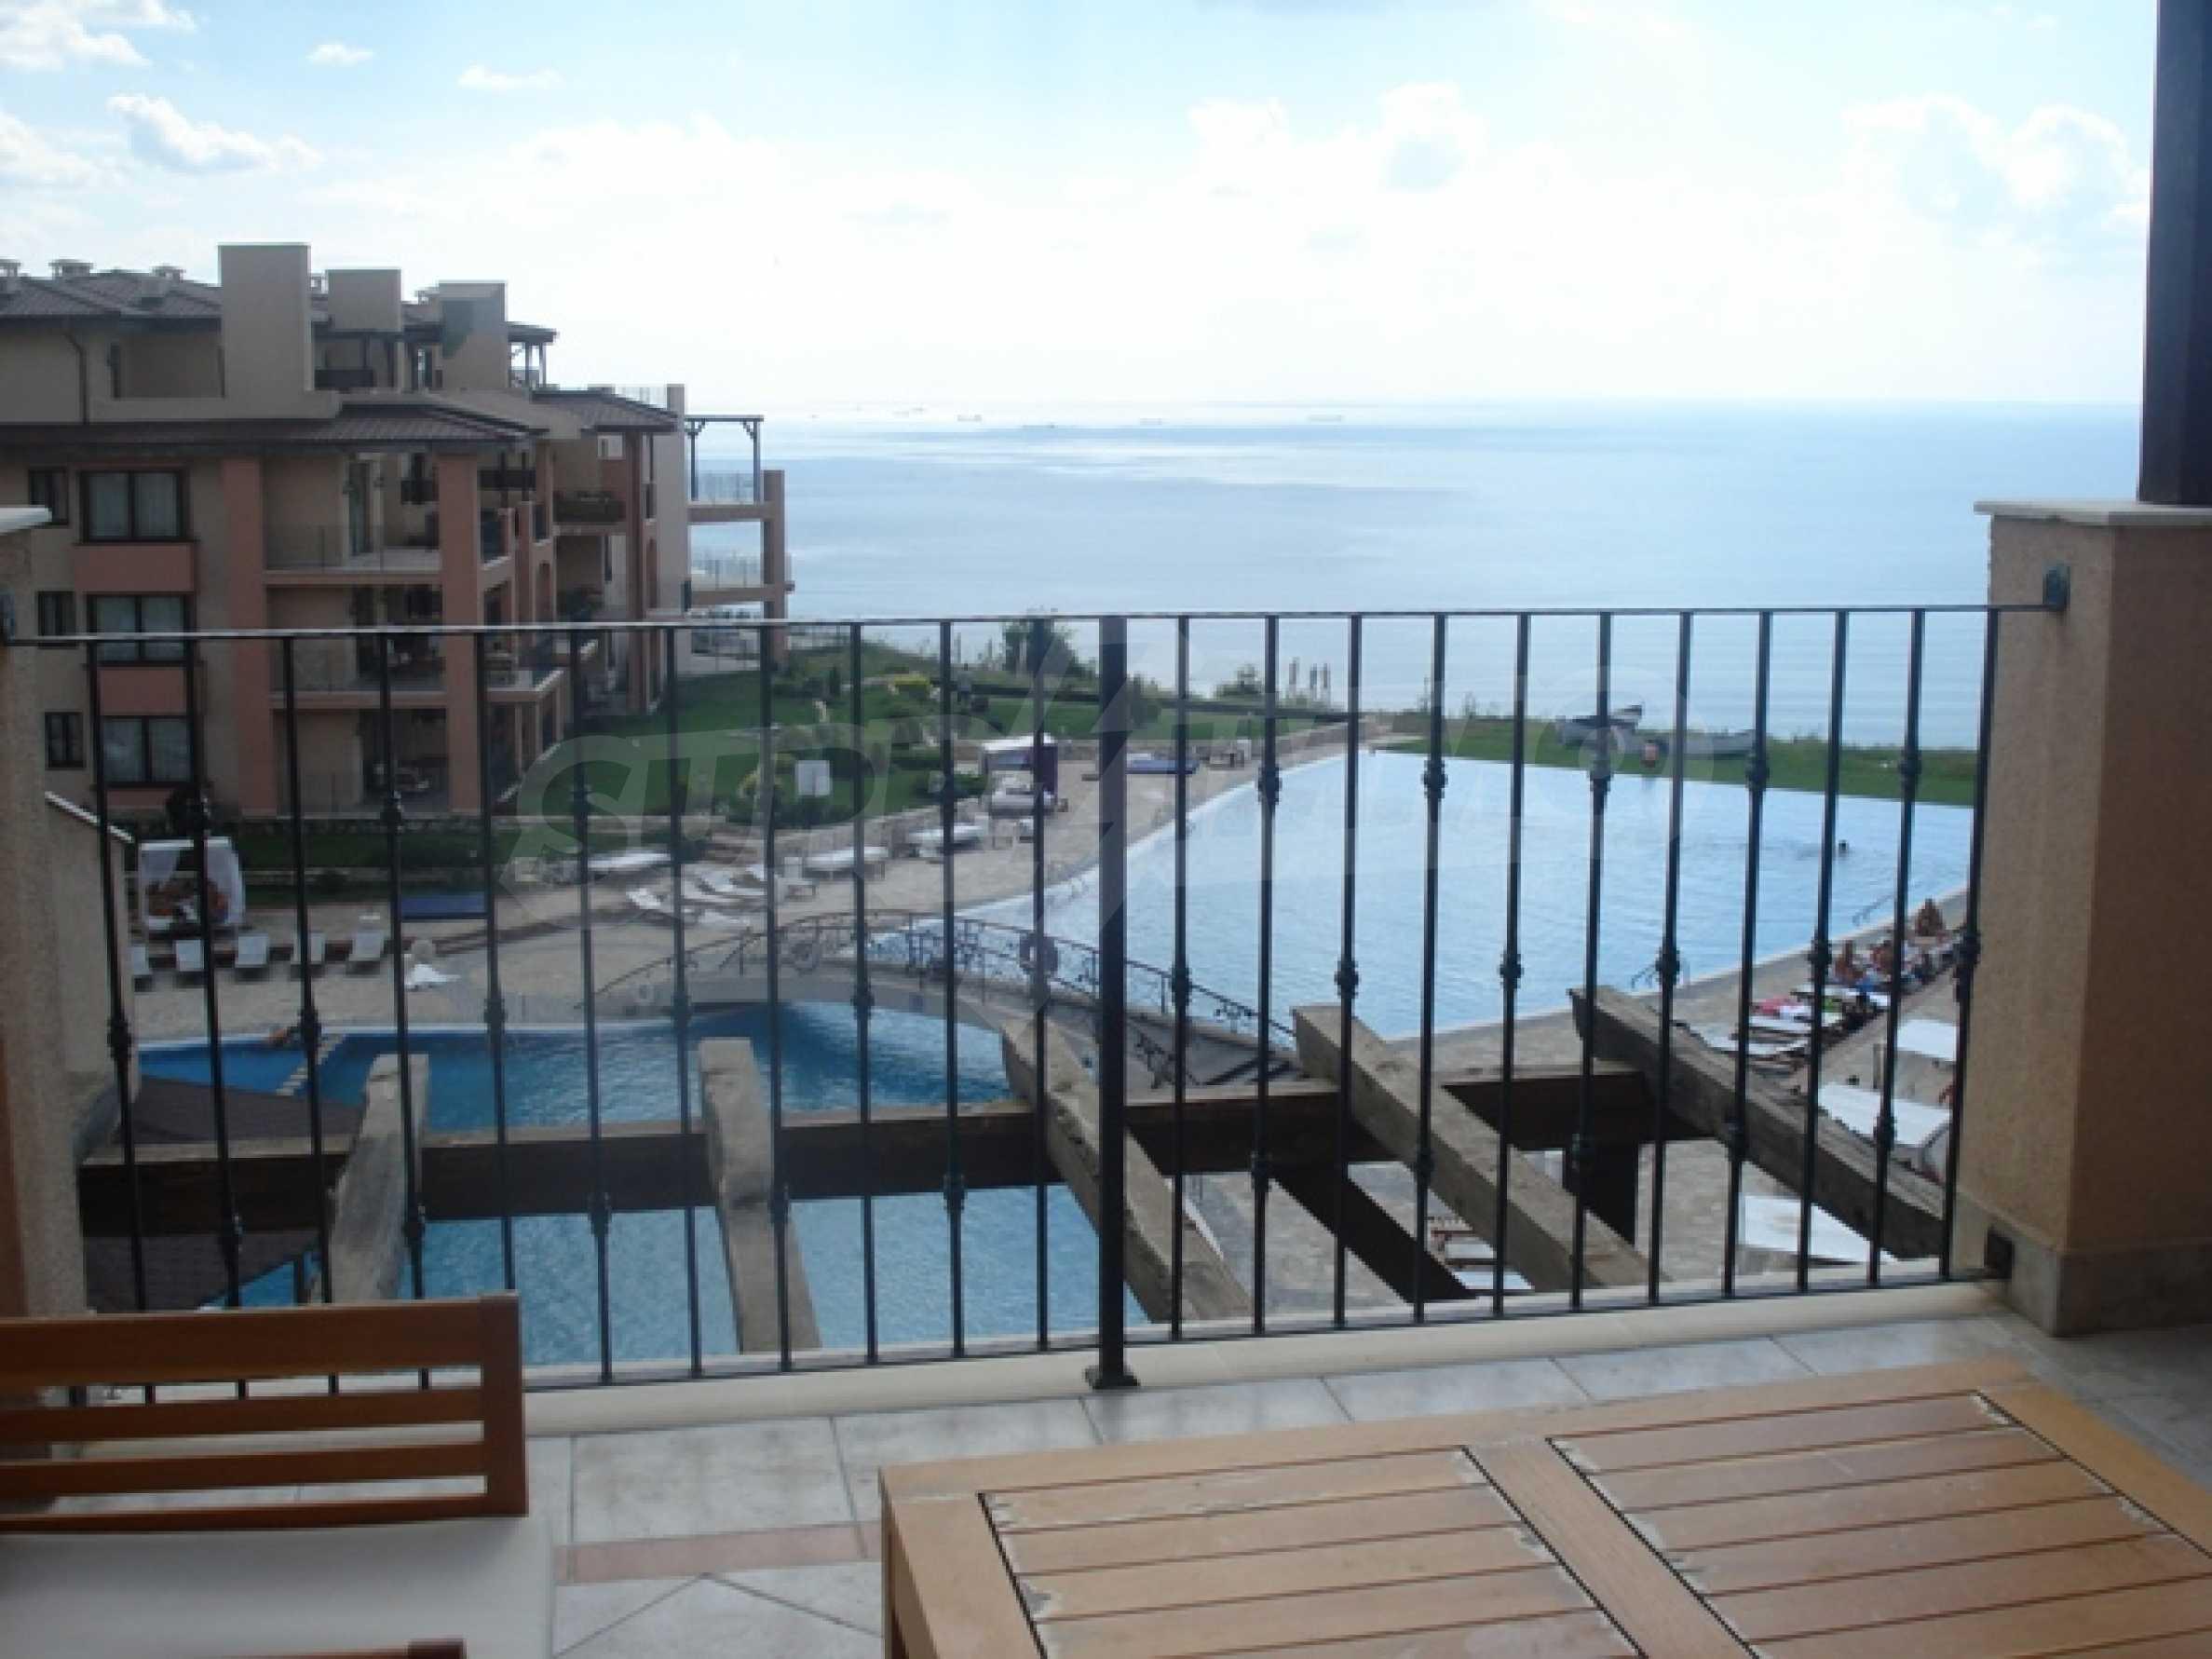 Апартамент в центре комплекса «Калиакрия Голф Резорт», в 55 км от Варны 4